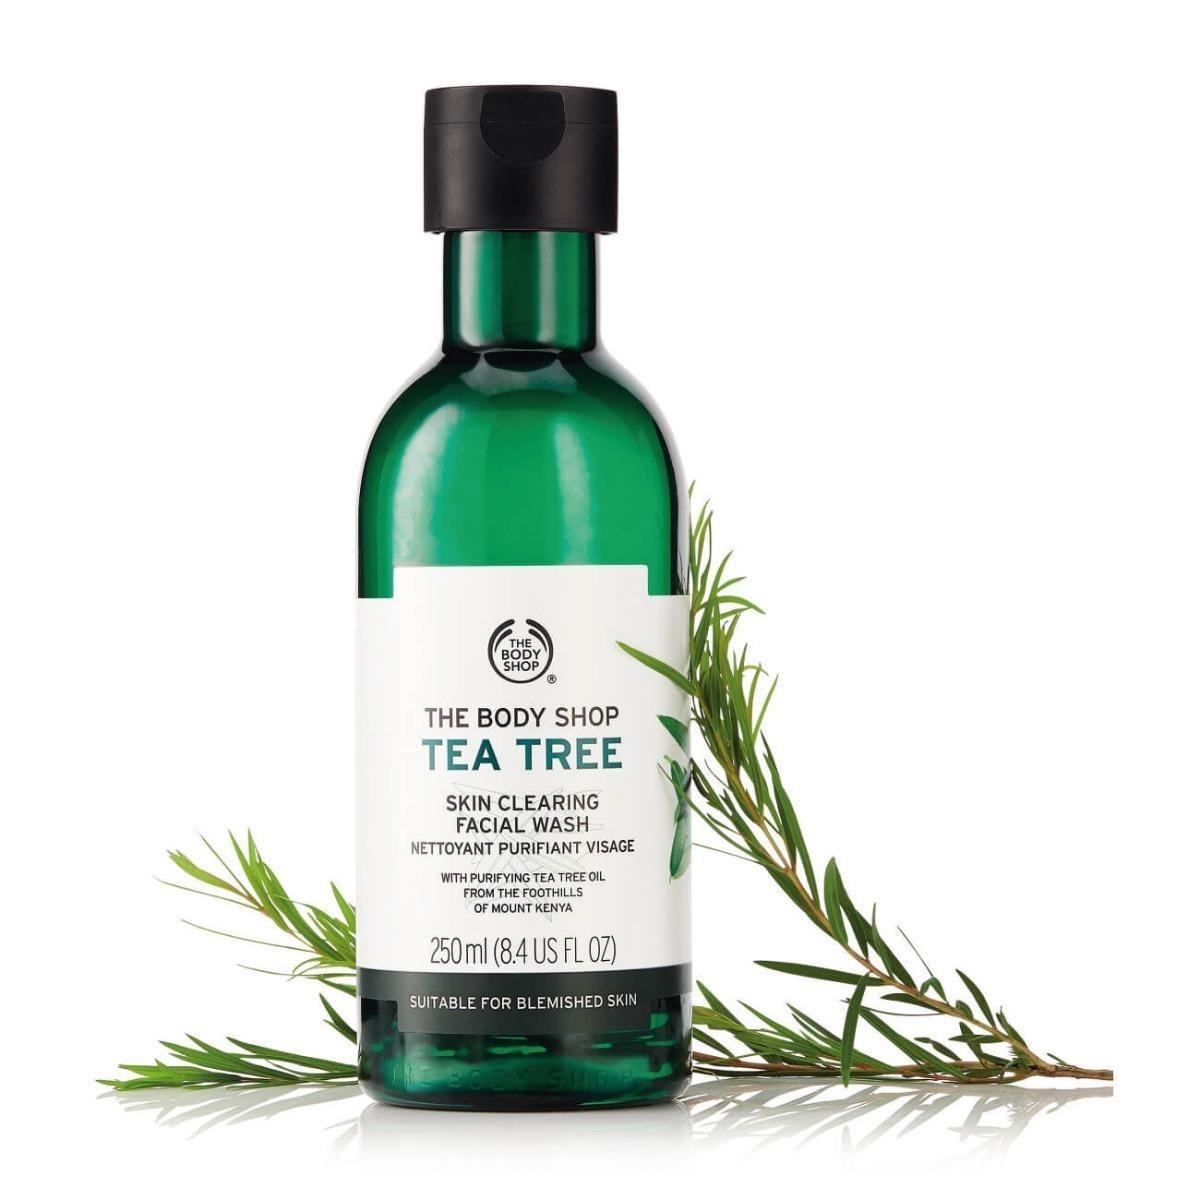 تصویر ژل شستشوی صورت بادی شاپ سری چای سبز حجم 250 میلی لیتر The Body Shop Tea Tree Skin Clearing Facial Wash 250ml